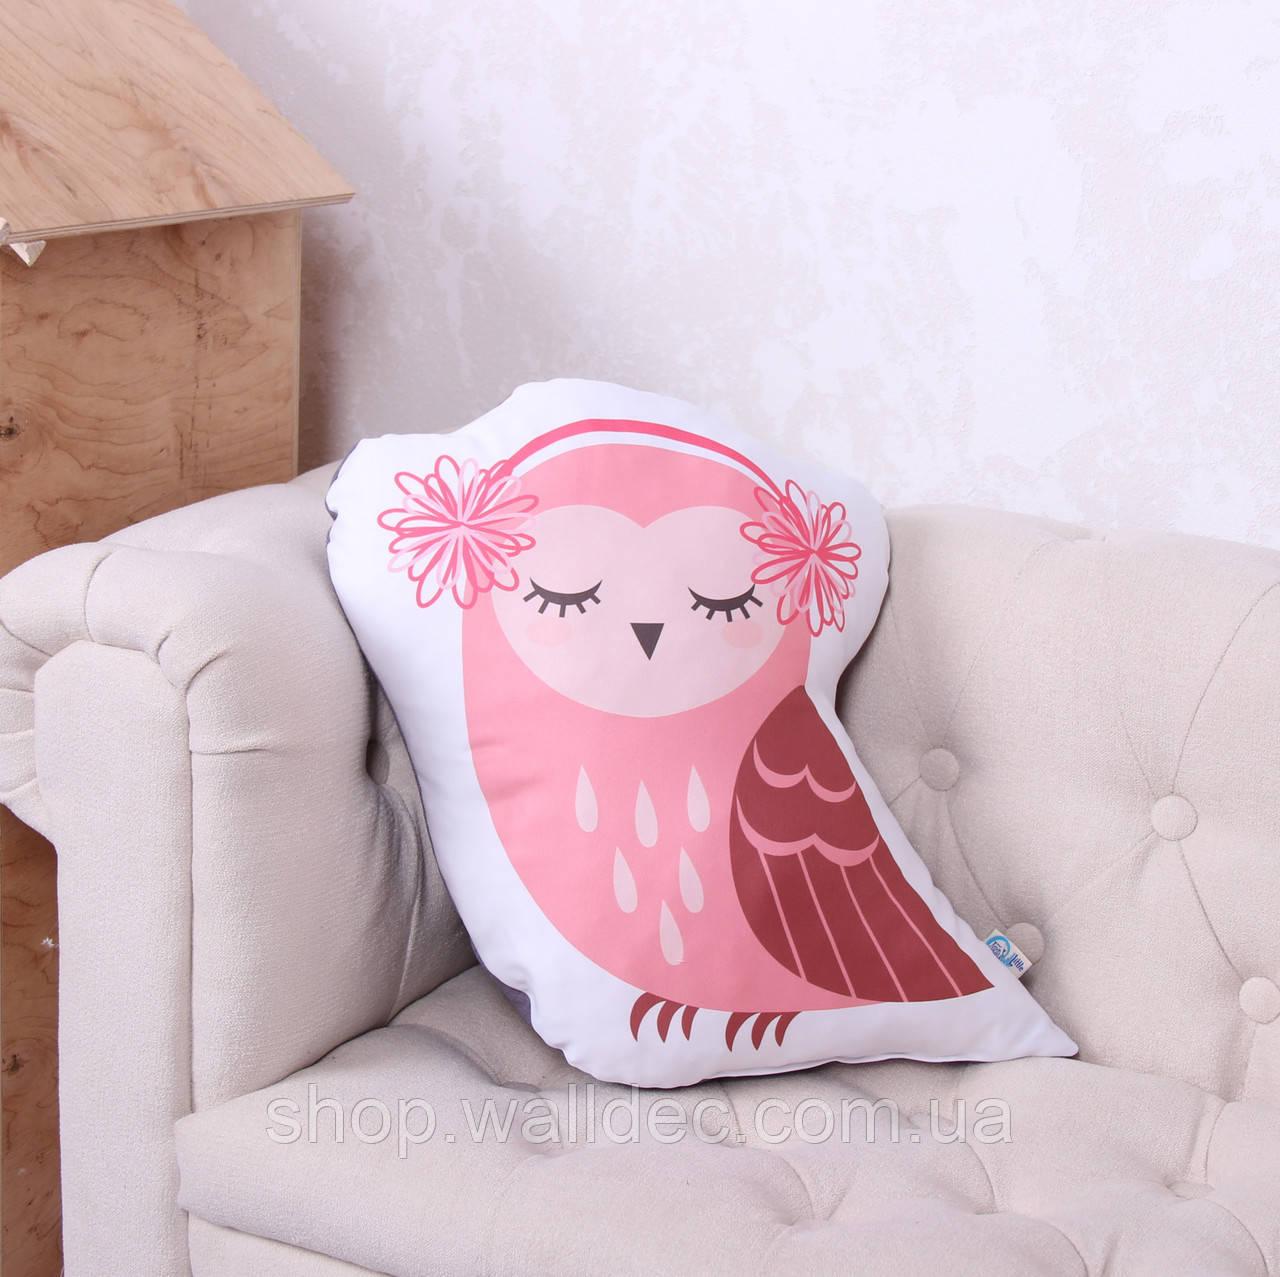 Подушка Сова розовая